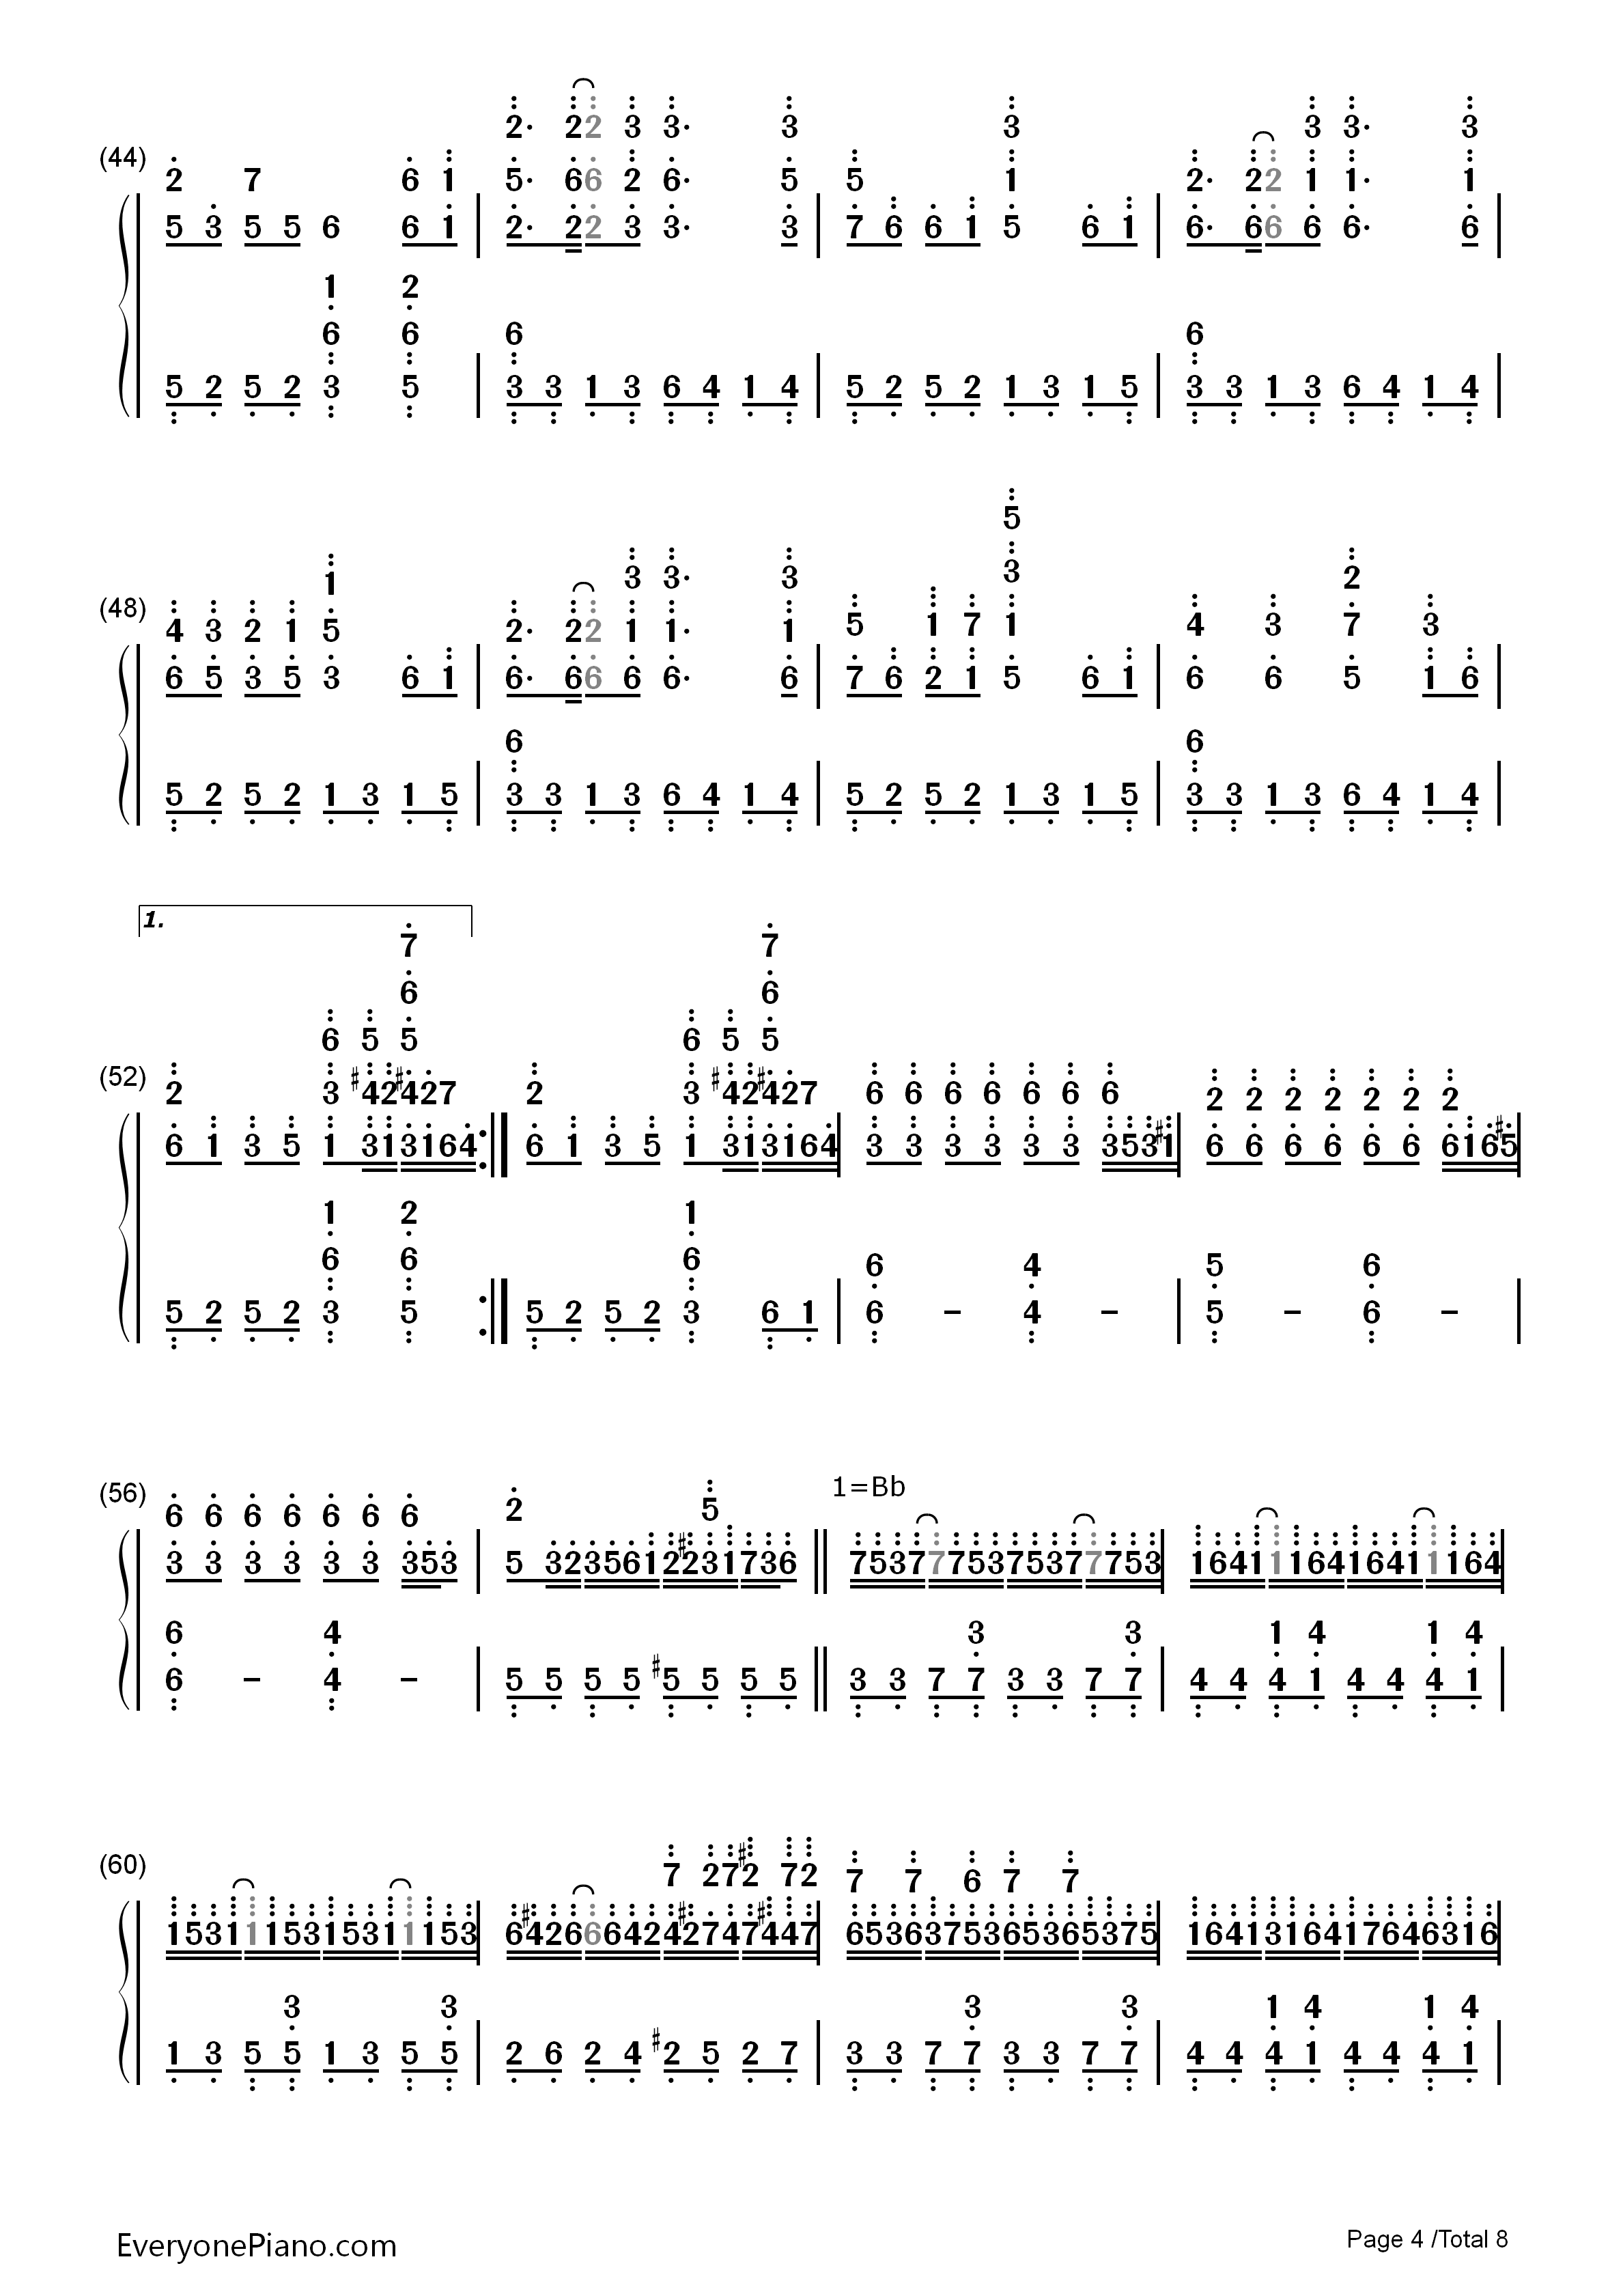 千本桜両手略譜プレビュー4 千本桜両手略譜プレビュー( 総数8枚 ) 無料の楽譜「五線譜、両手略